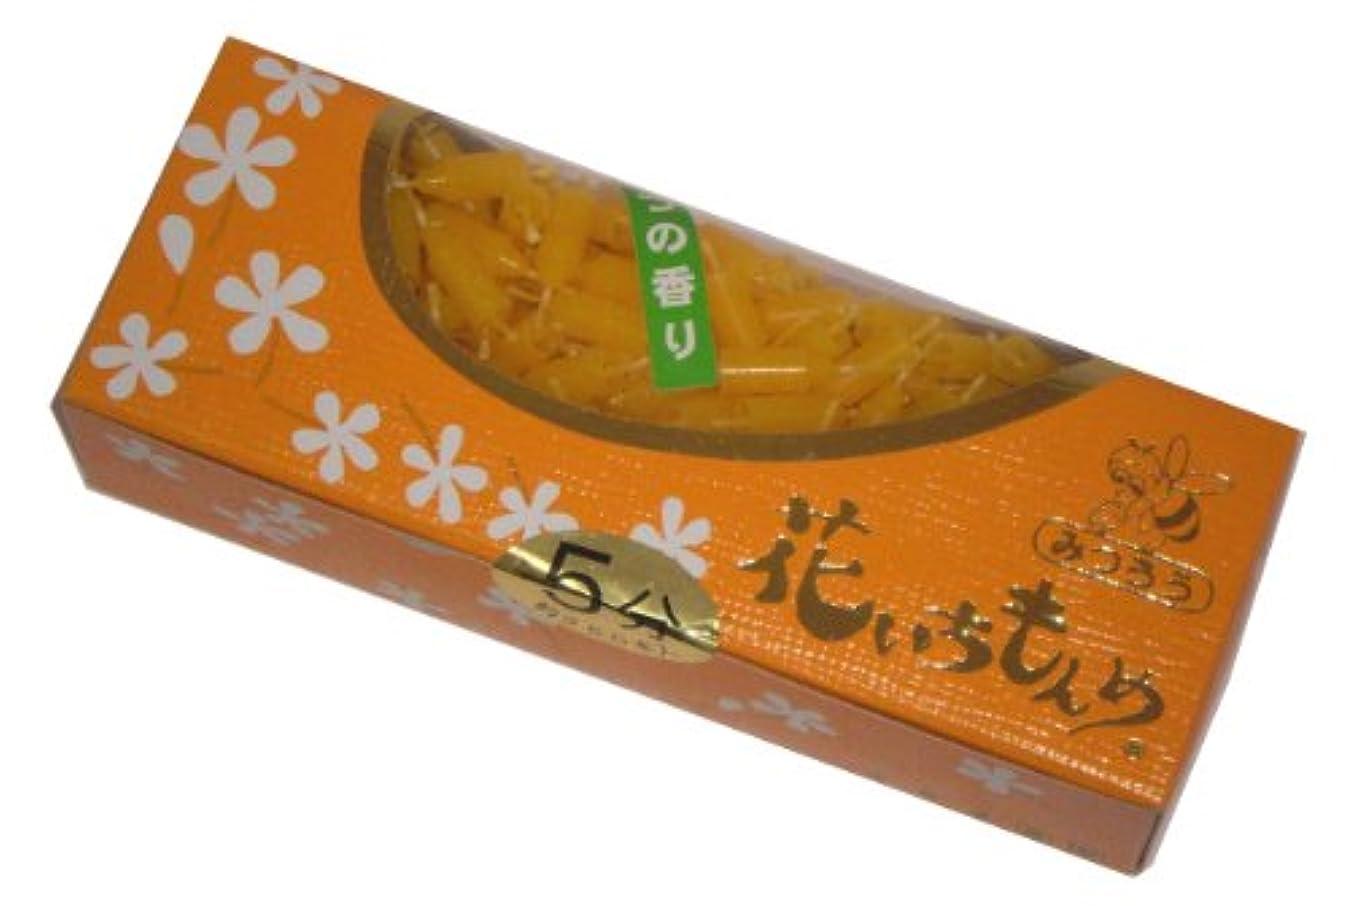 魅力的ひねり複製する佐藤油脂のローソク 花いちもんめ みつろう 約350本 5分